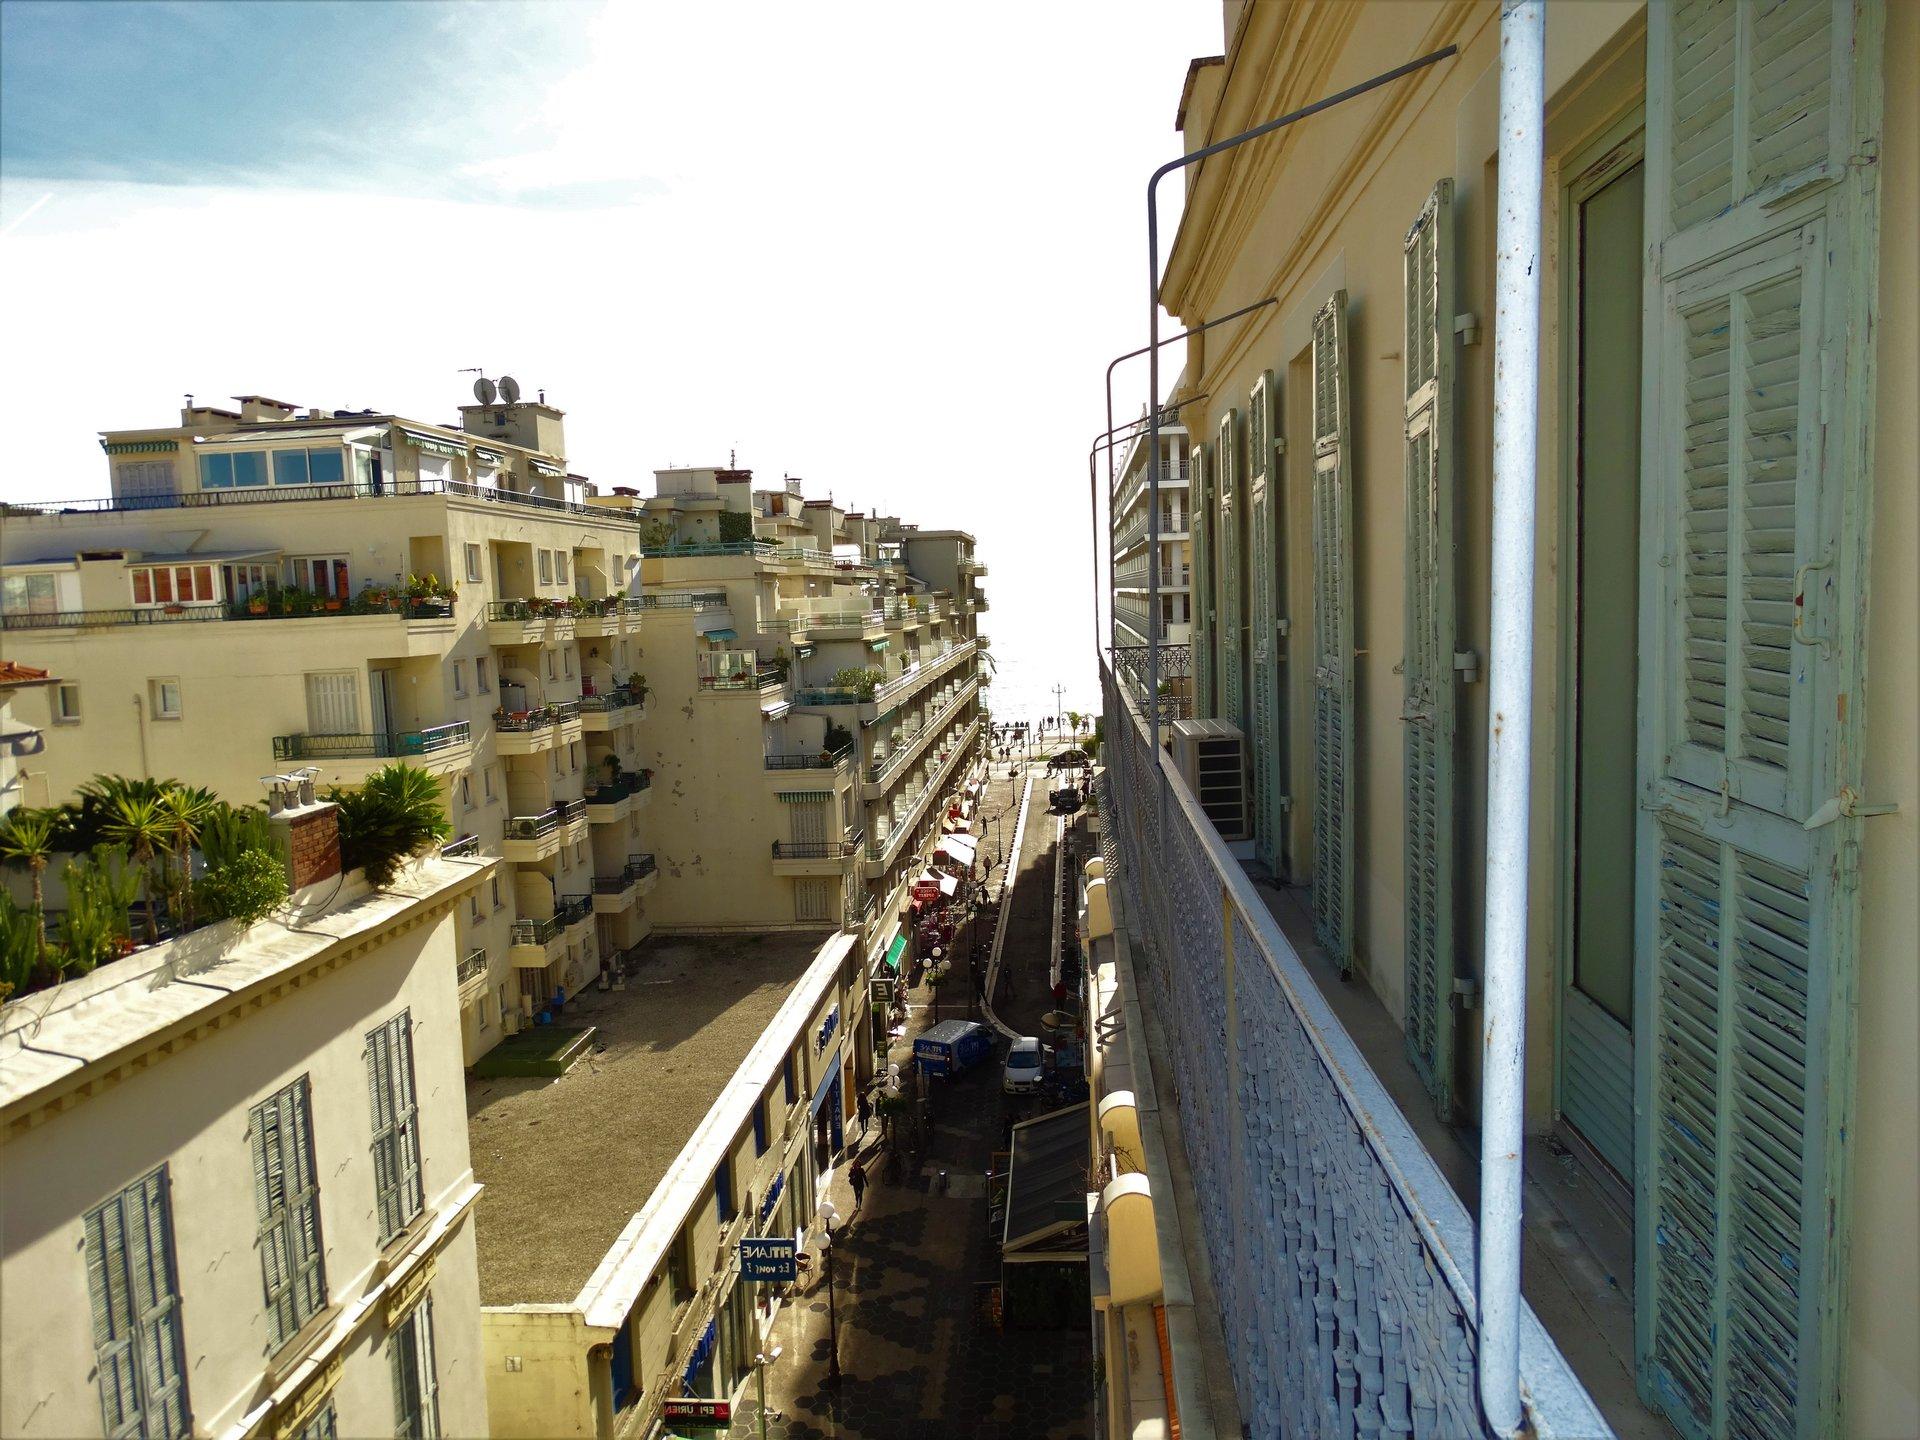 ALPES MARITIMES (06) - NICE CARRE D'OR A vendre 4 pièces en étage élevé avec extérieur